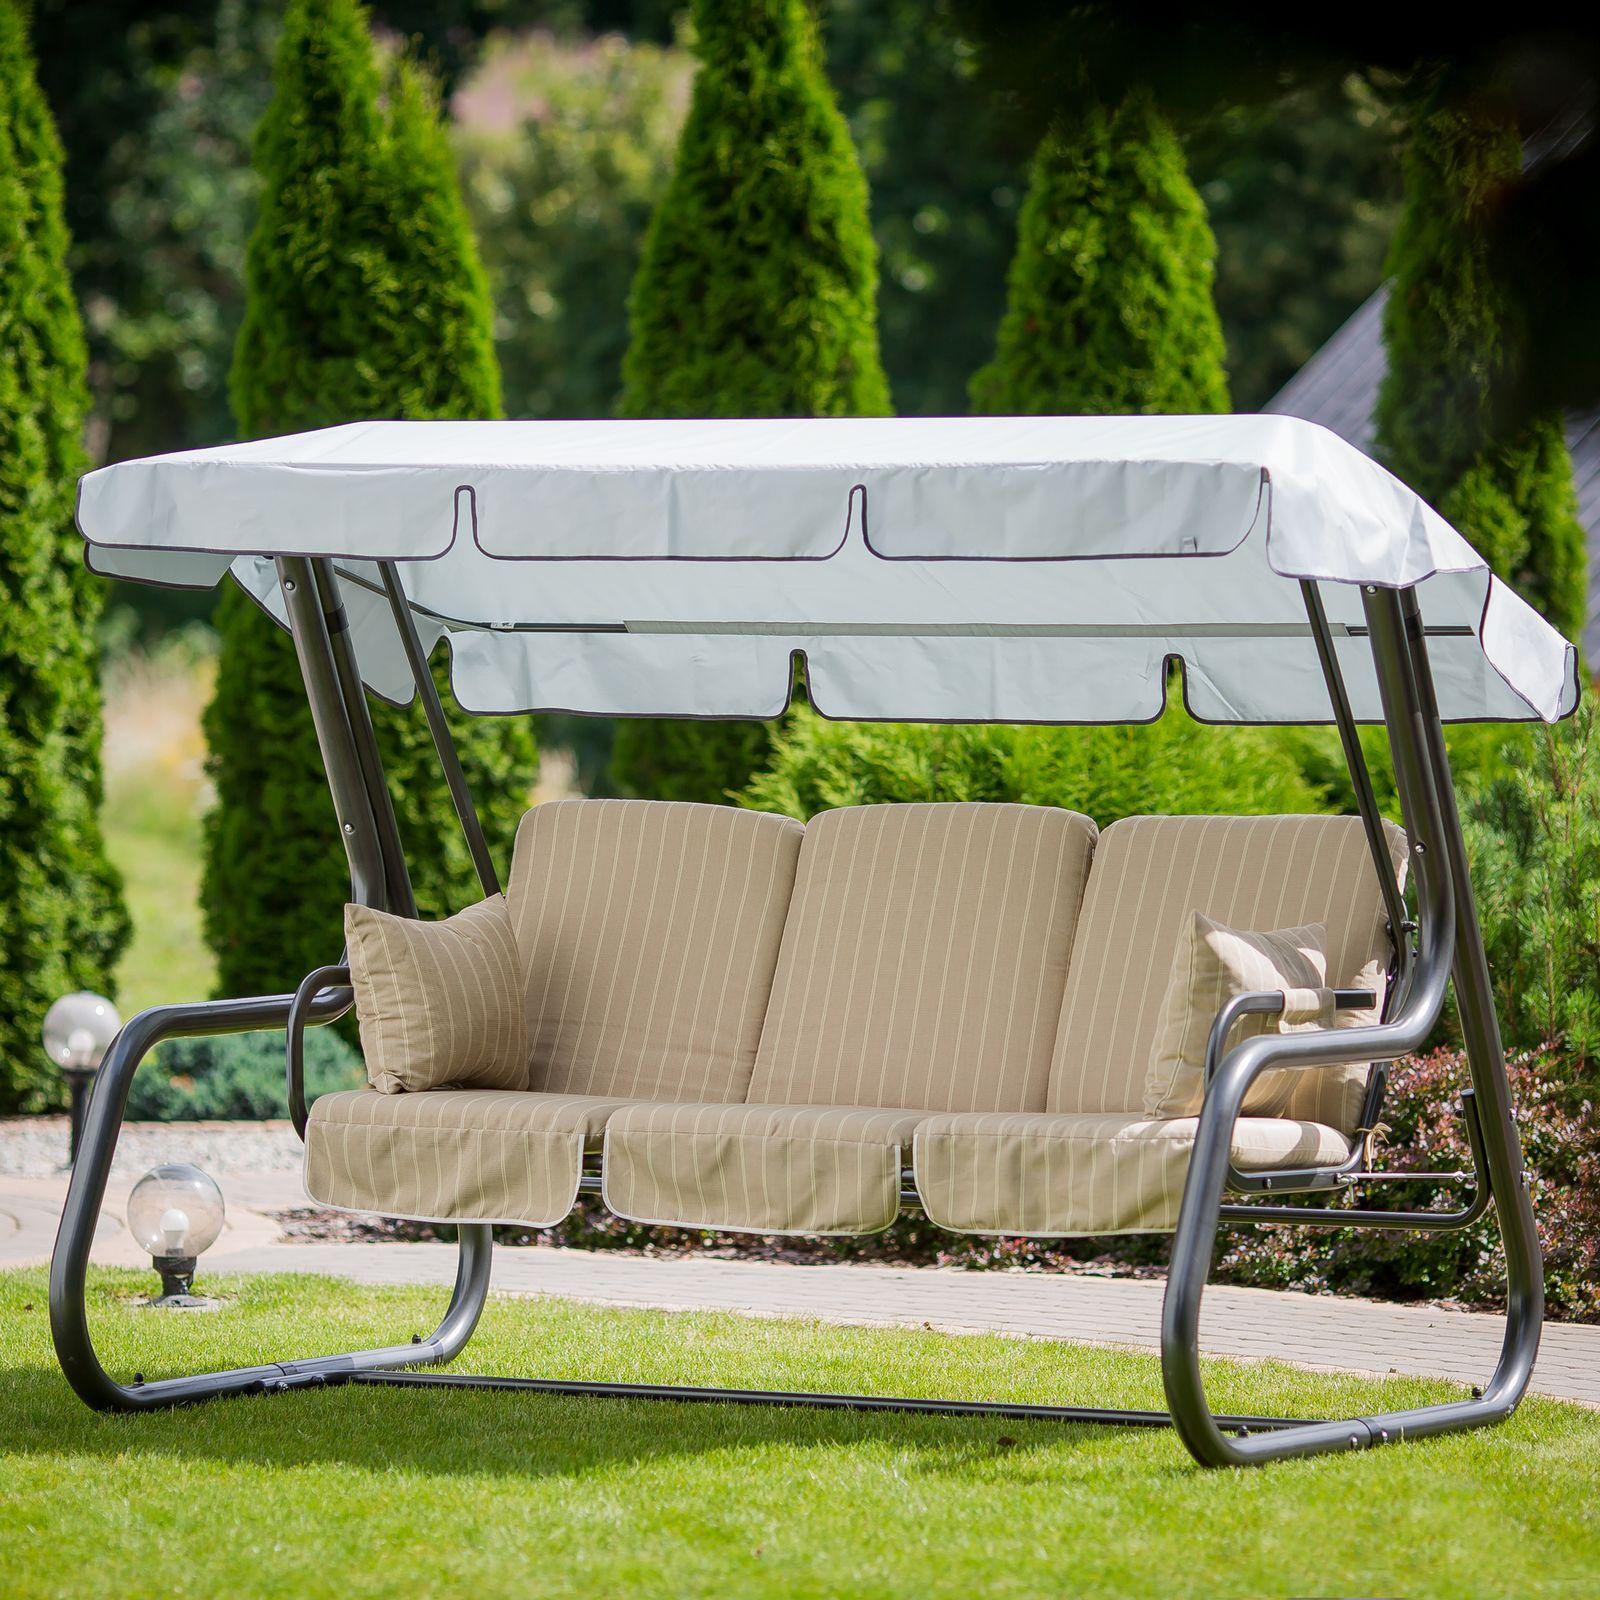 Poduszki na huśtawkę 180 cm z zamkami Rimini / Venezia Lux C032-05EB PATIO